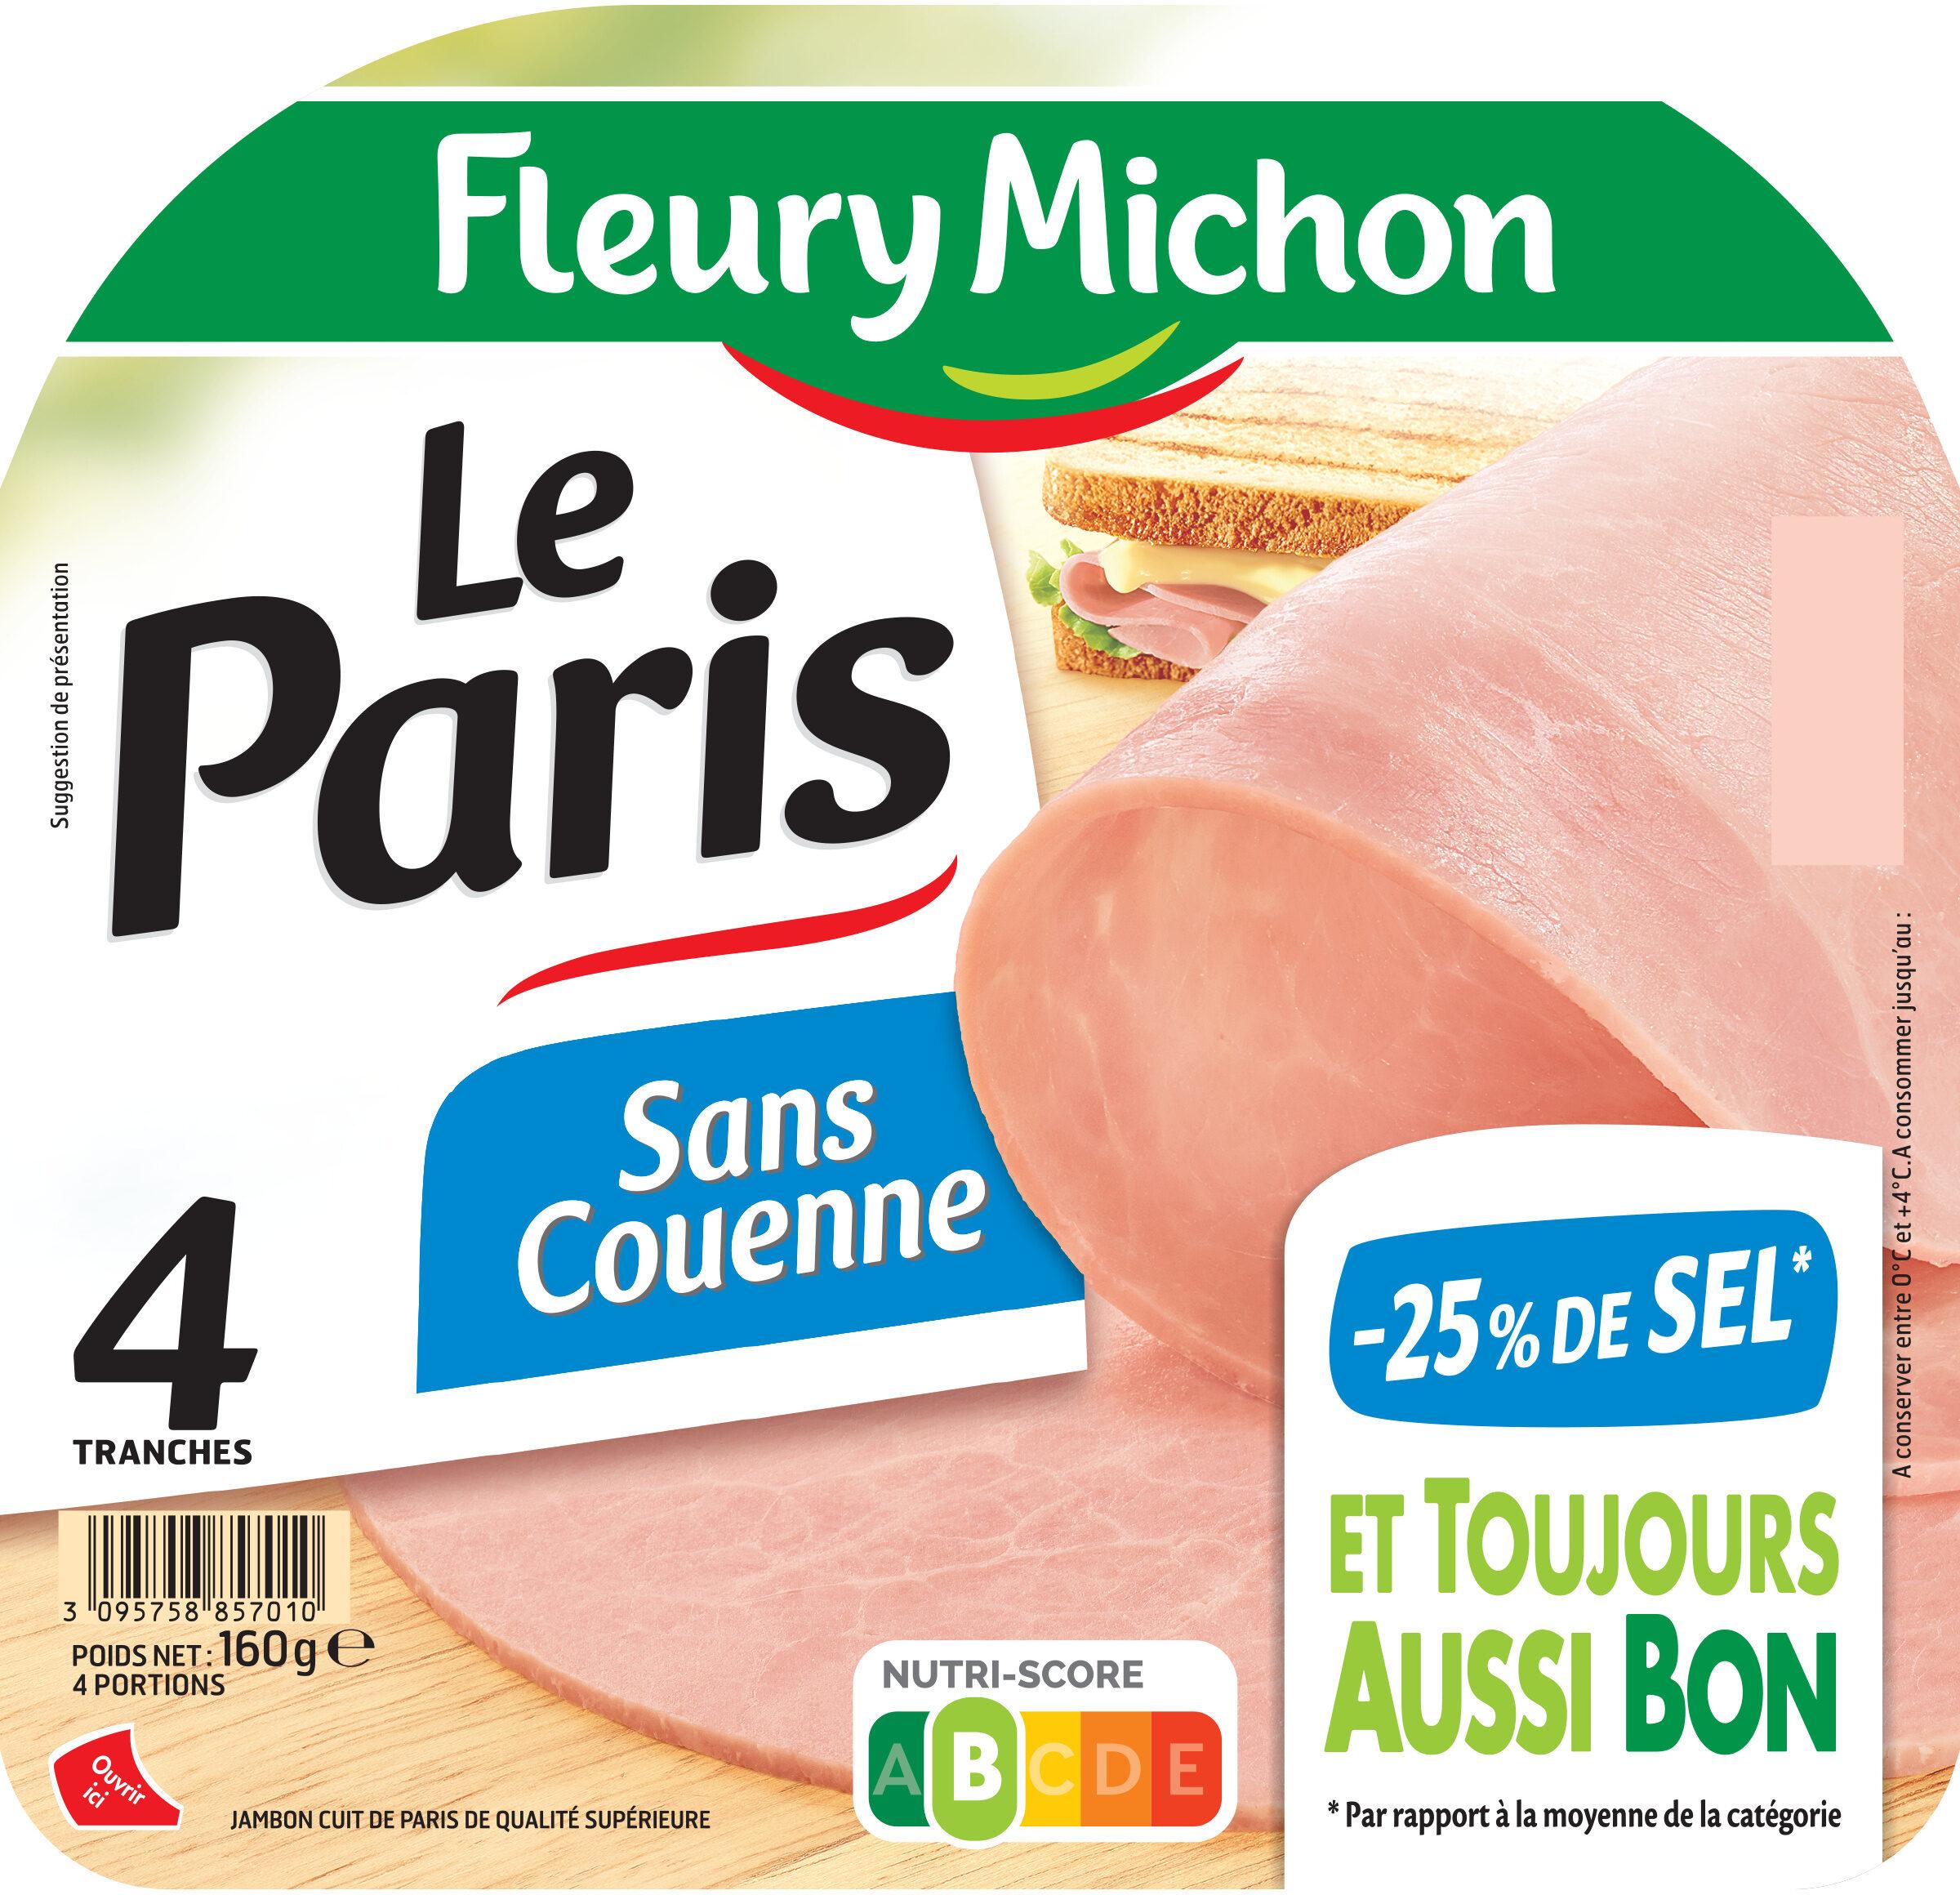 Le Paris sans couenne - 25% de Sel*- 4tr - Product - fr